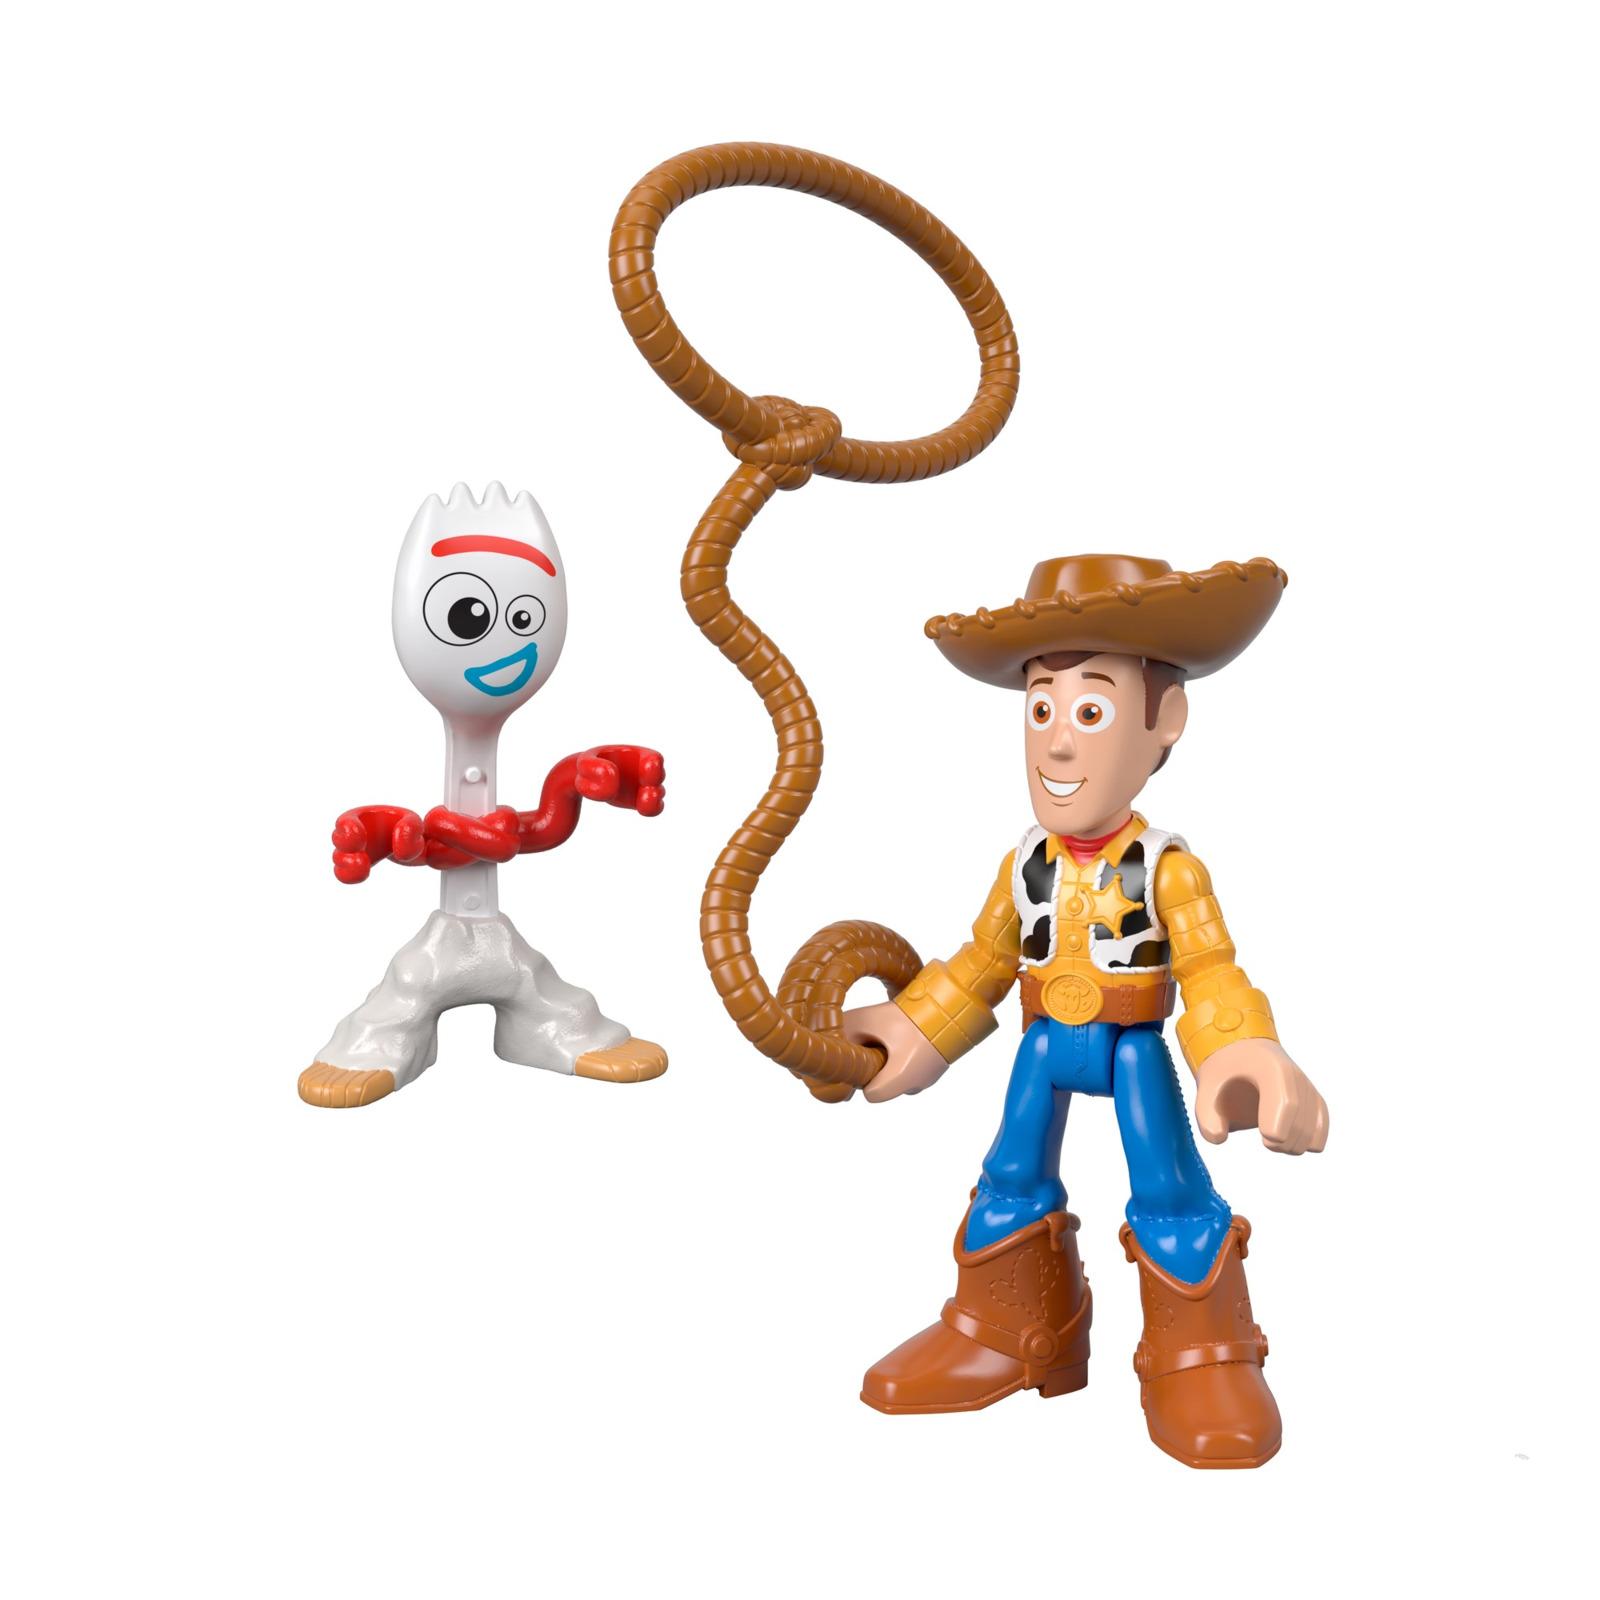 Фигурка Imaginext История игрушек-4 Вуди и киногерой, GBG89_GBG90 imaginext фигурка dc super friends